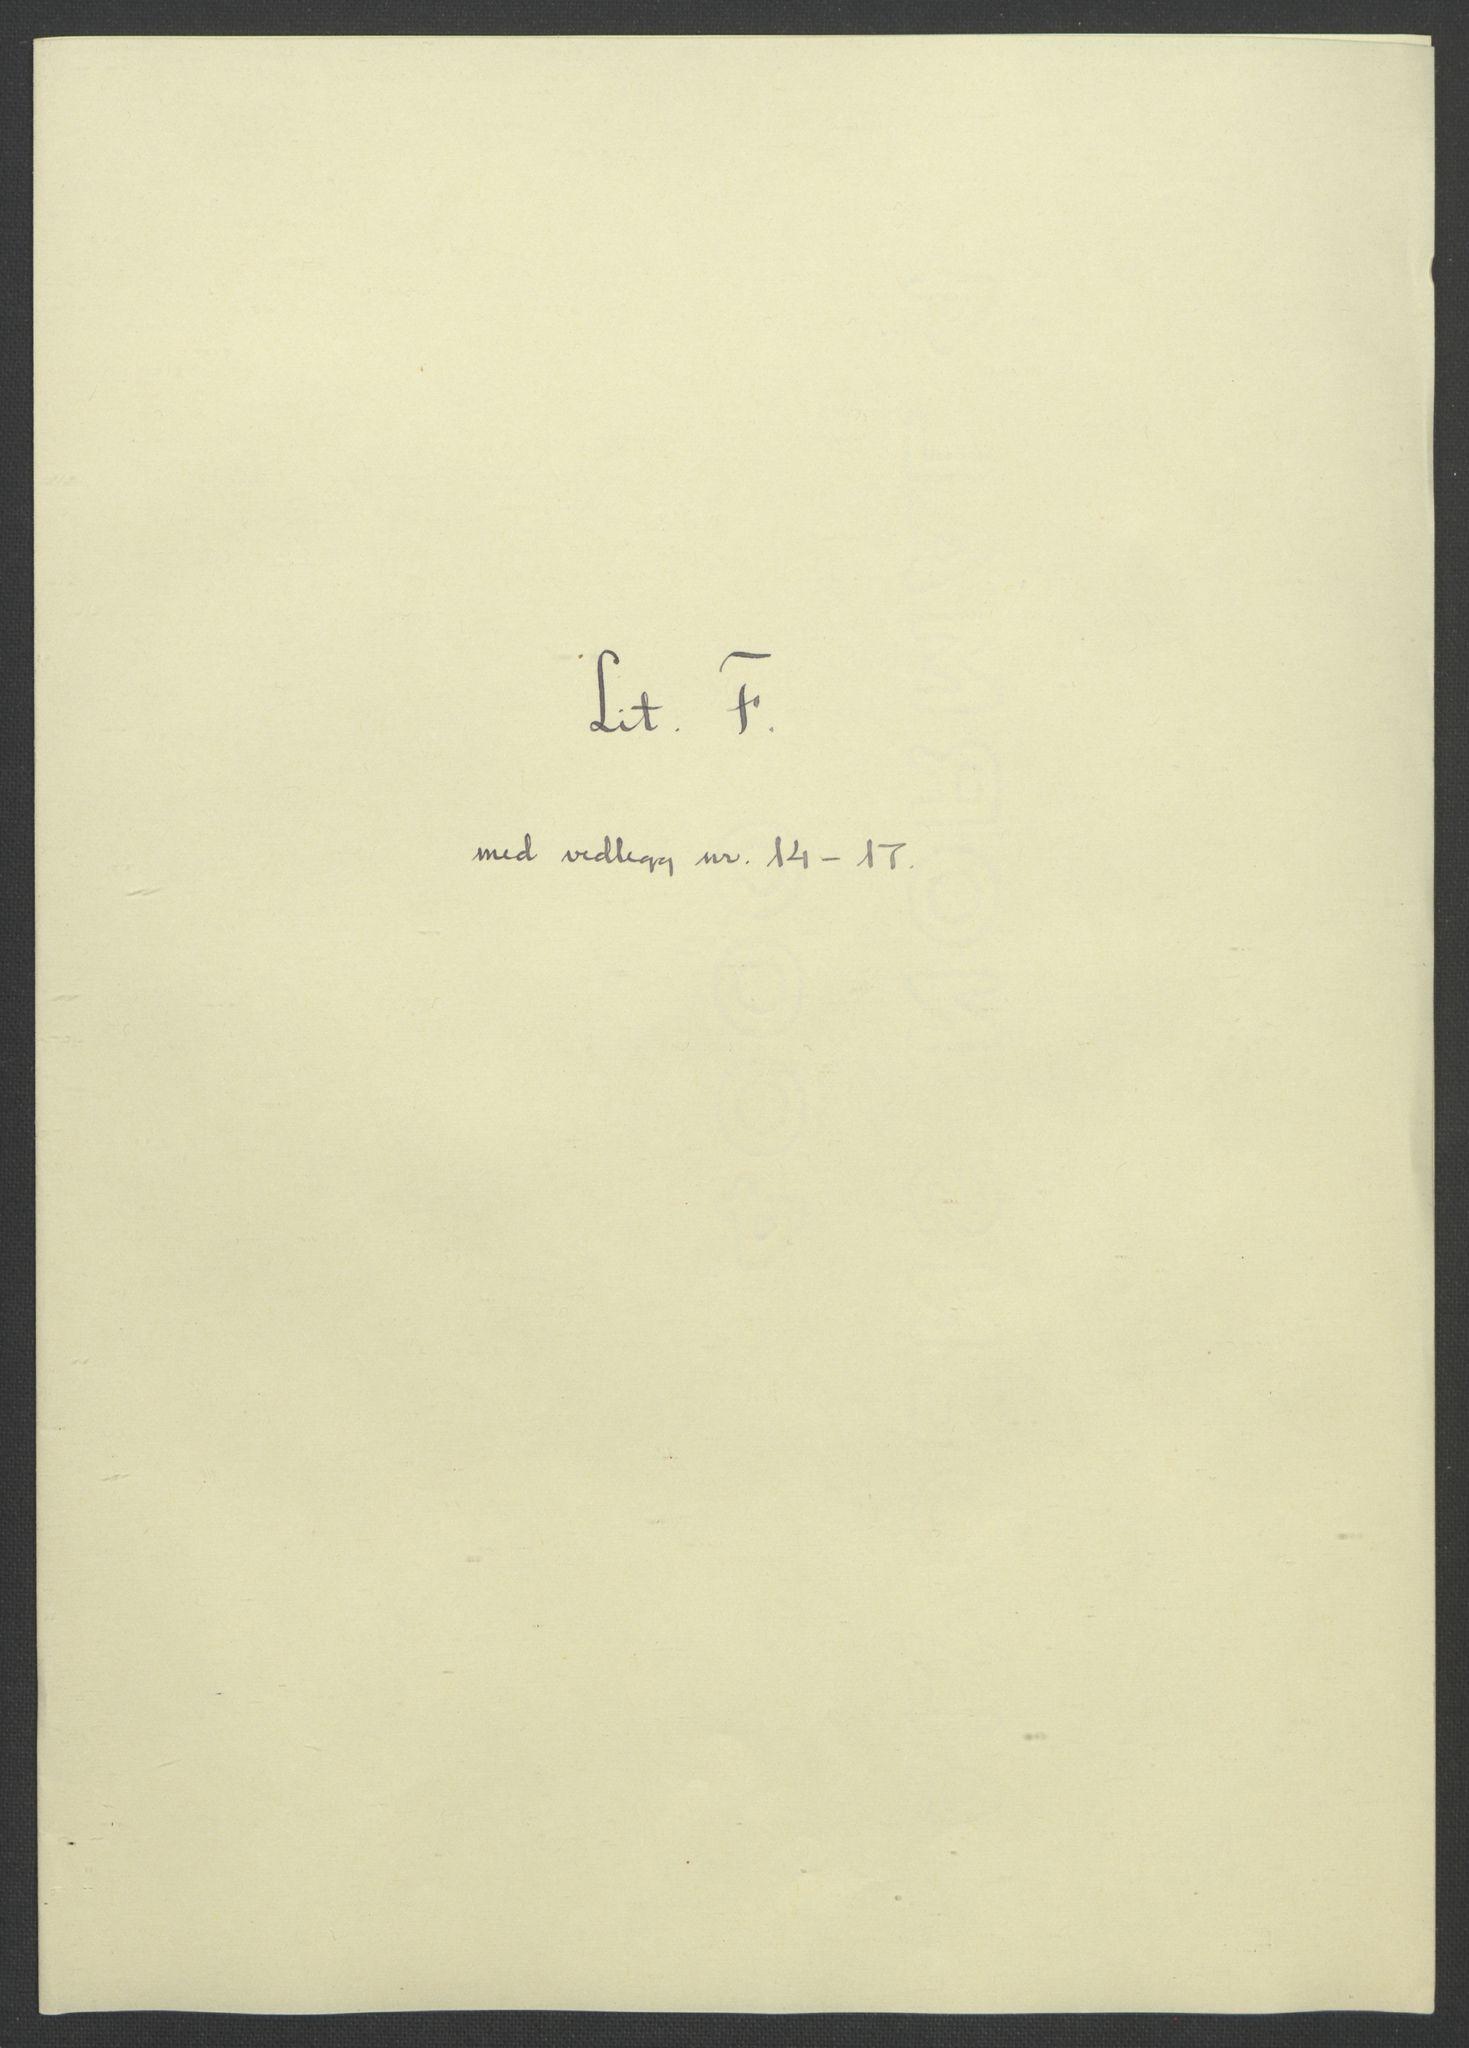 RA, Rentekammeret inntil 1814, Reviderte regnskaper, Fogderegnskap, R53/L3422: Fogderegnskap Sunn- og Nordfjord, 1695-1696, s. 361